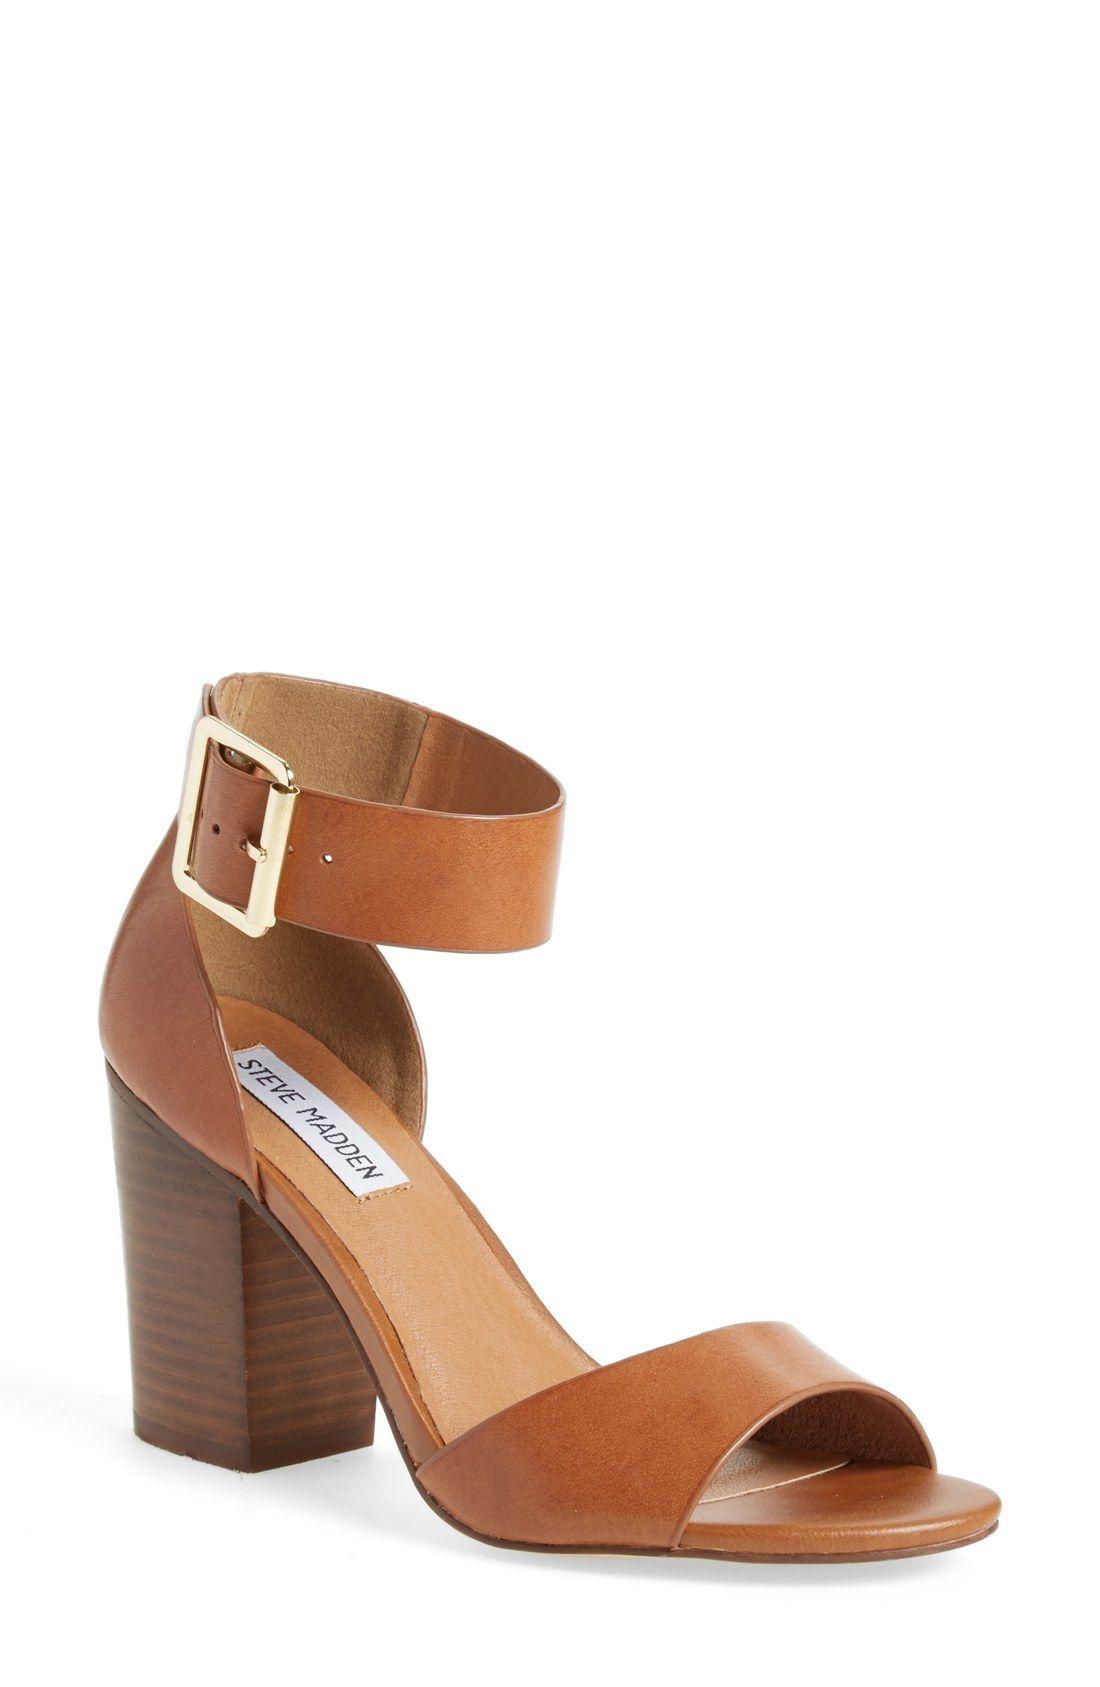 Black sandals with straps - Steve Madden Estoria Ankle Strap Sandal